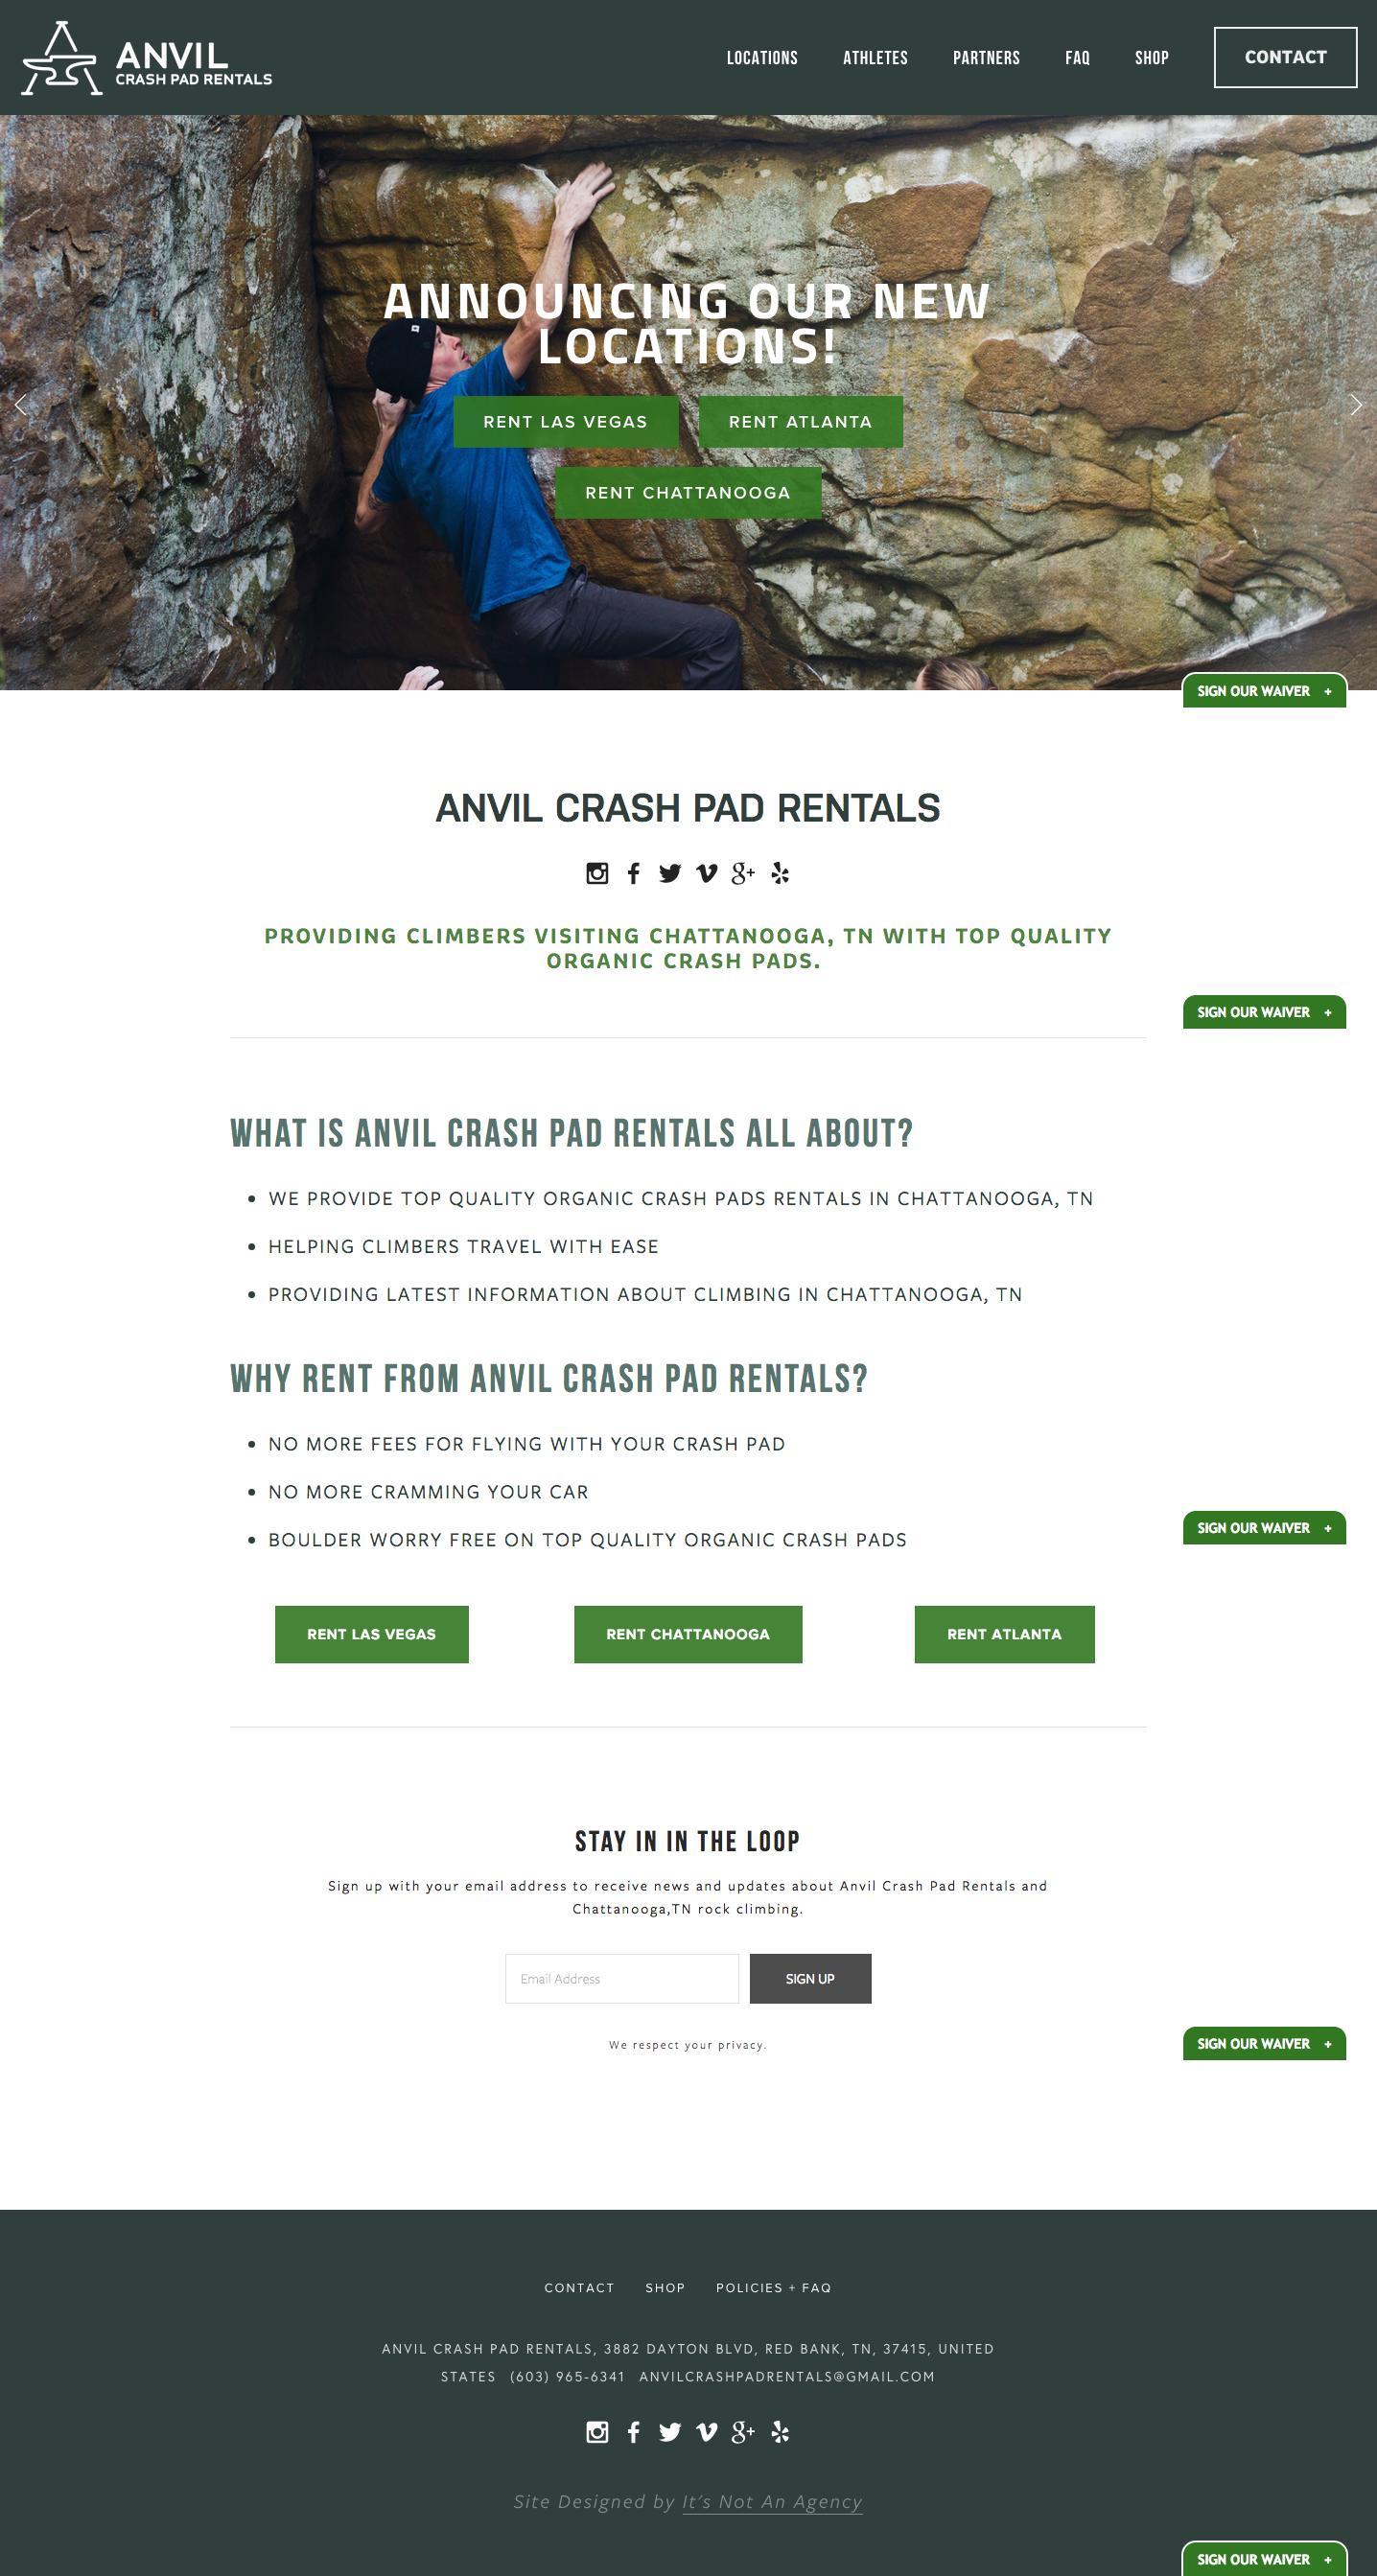 Ecommerce Website Design_Anvil Crash Pad Rentals1.png